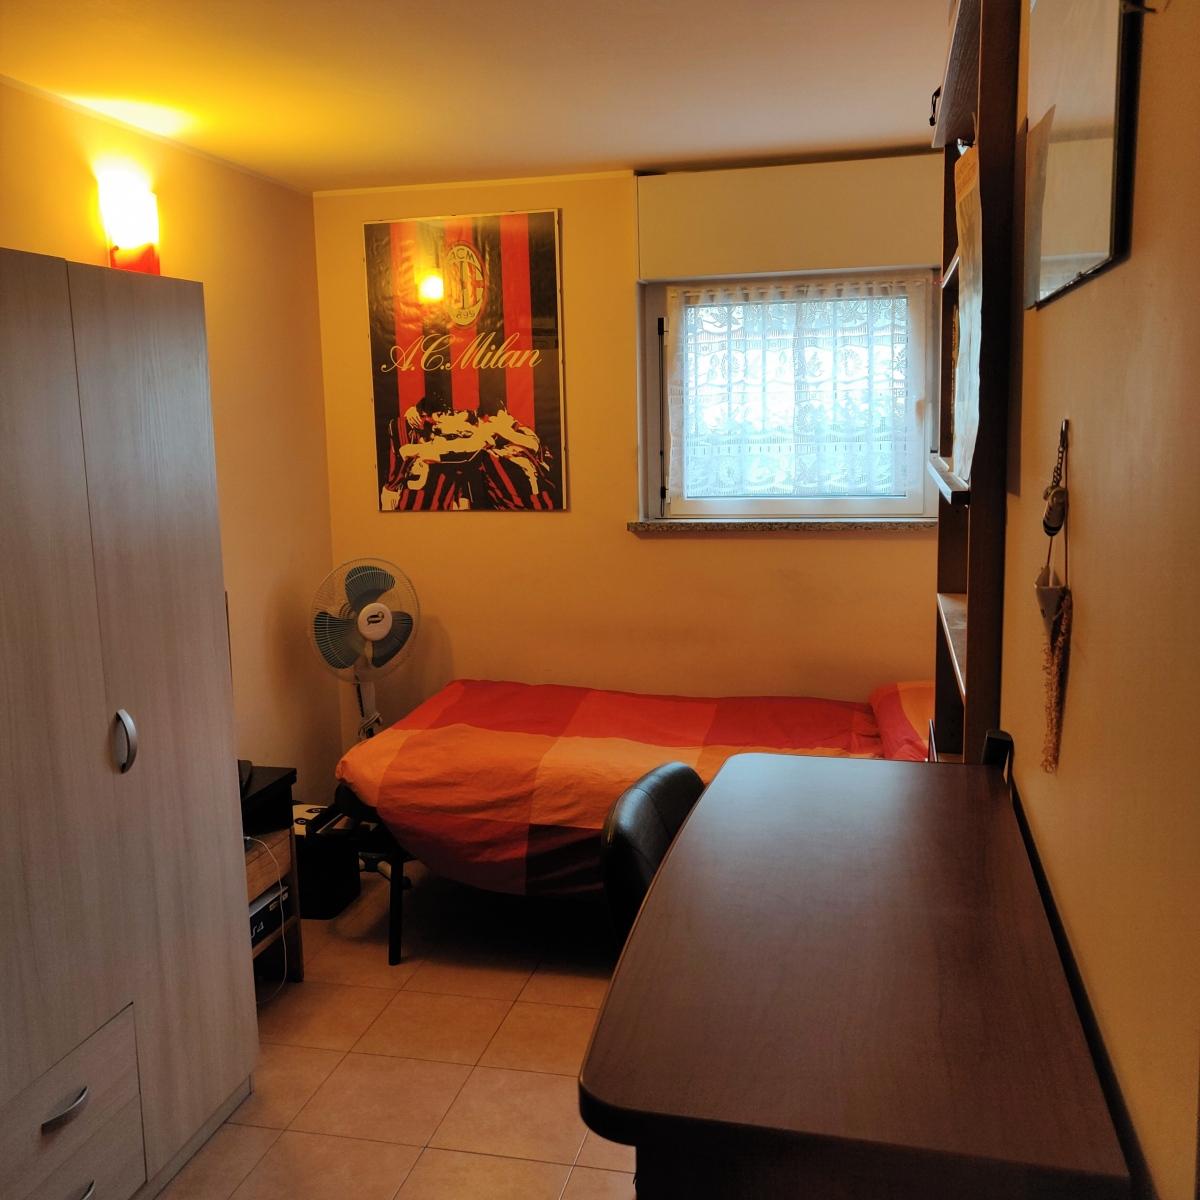 appartamento-in-vendita-milano-via-forze-armate-recente-costruzione-4-locali-spaziourbano-immobiliare-vende-9